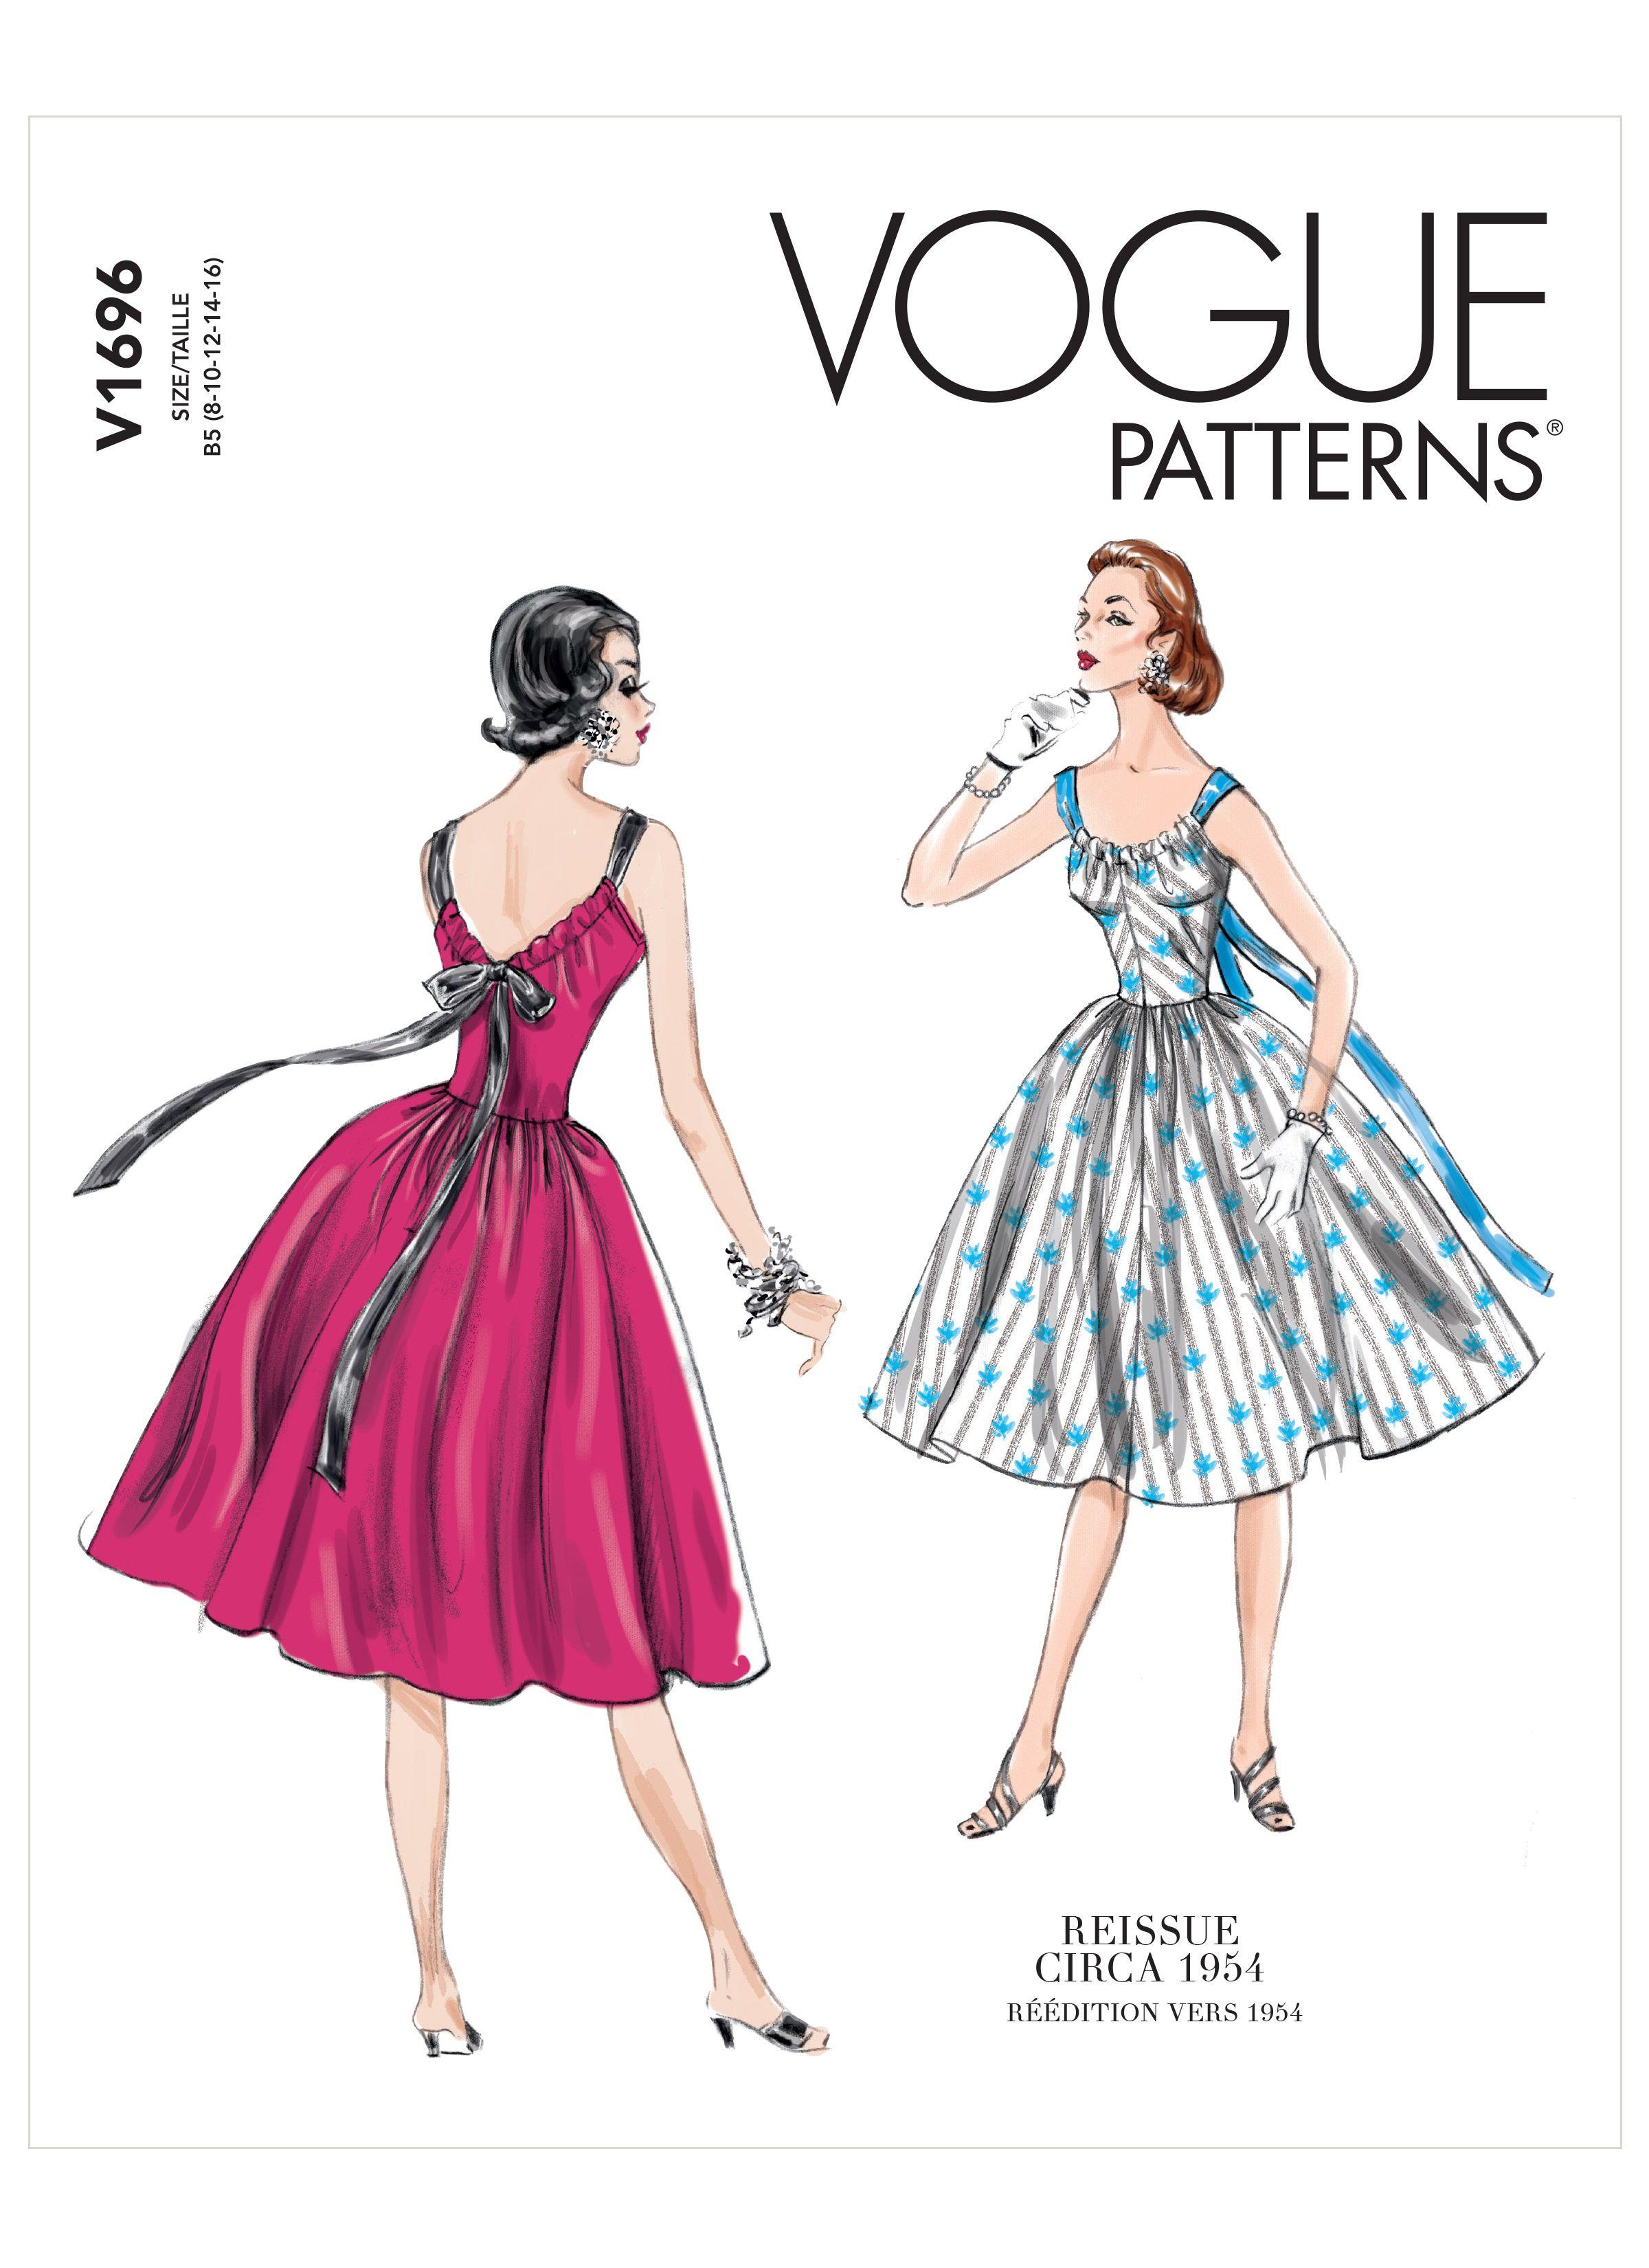 V1696 Sewdirect In 2020 Vogue Patterns Vogue Dress Patterns Vintage Vogue Patterns